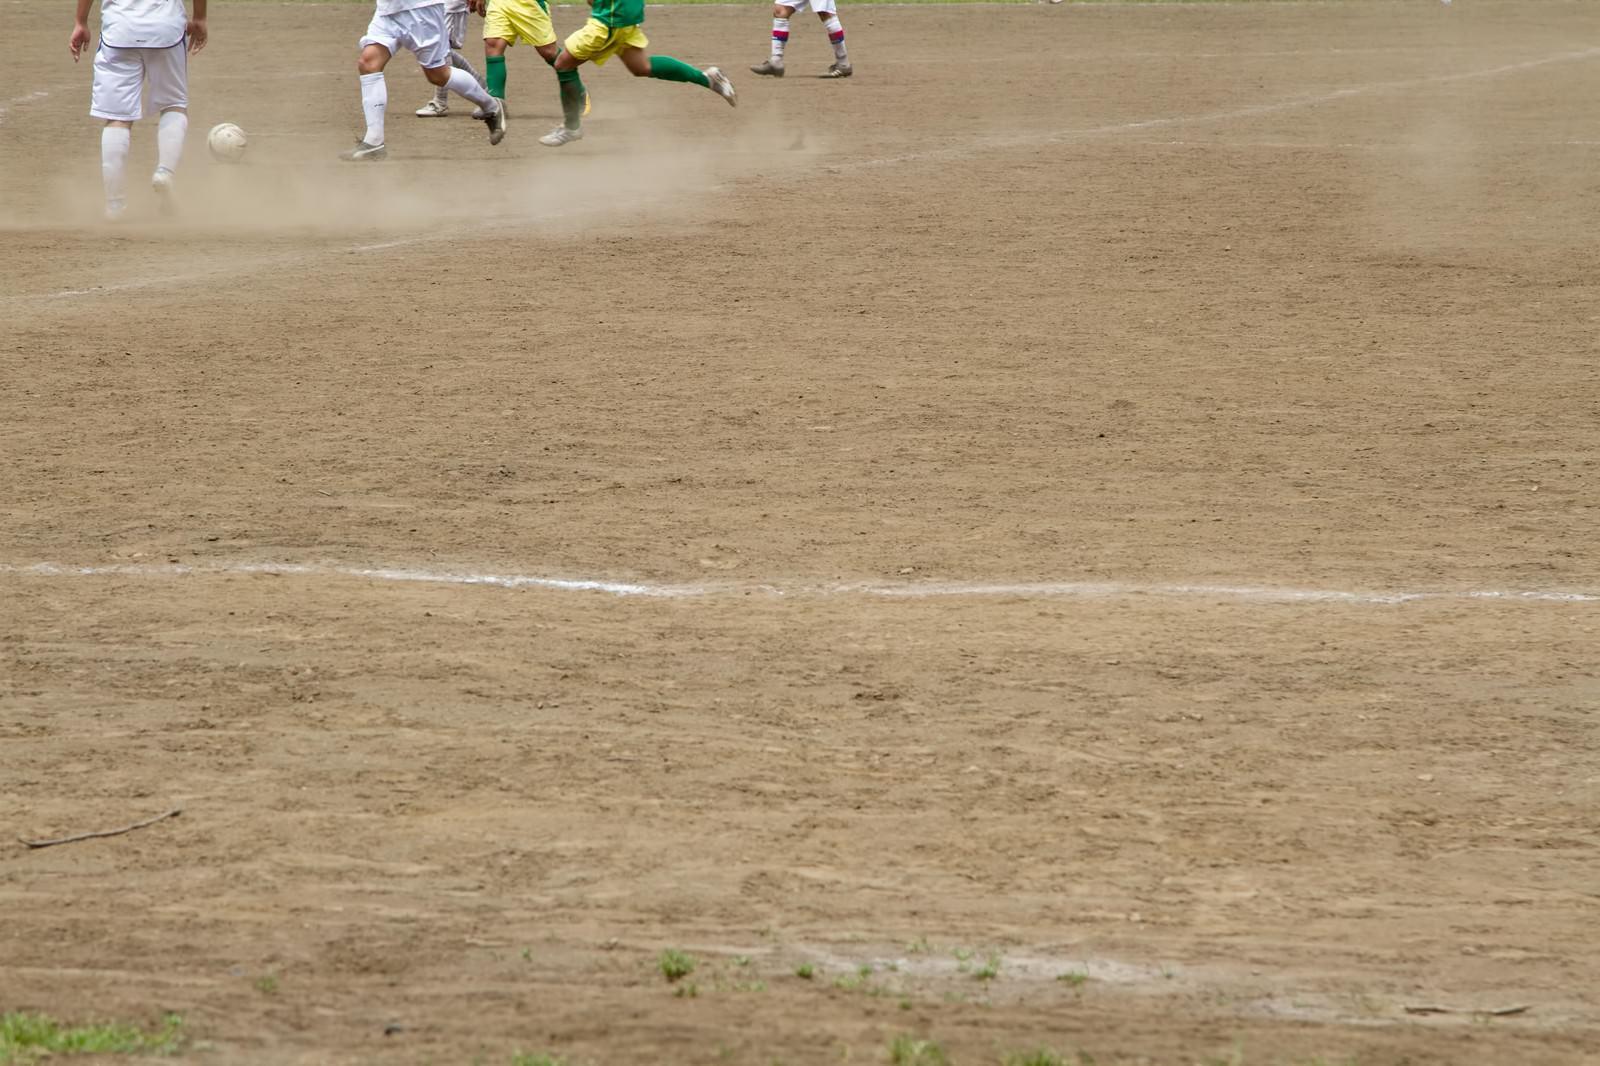 「サッカーの試合」の写真